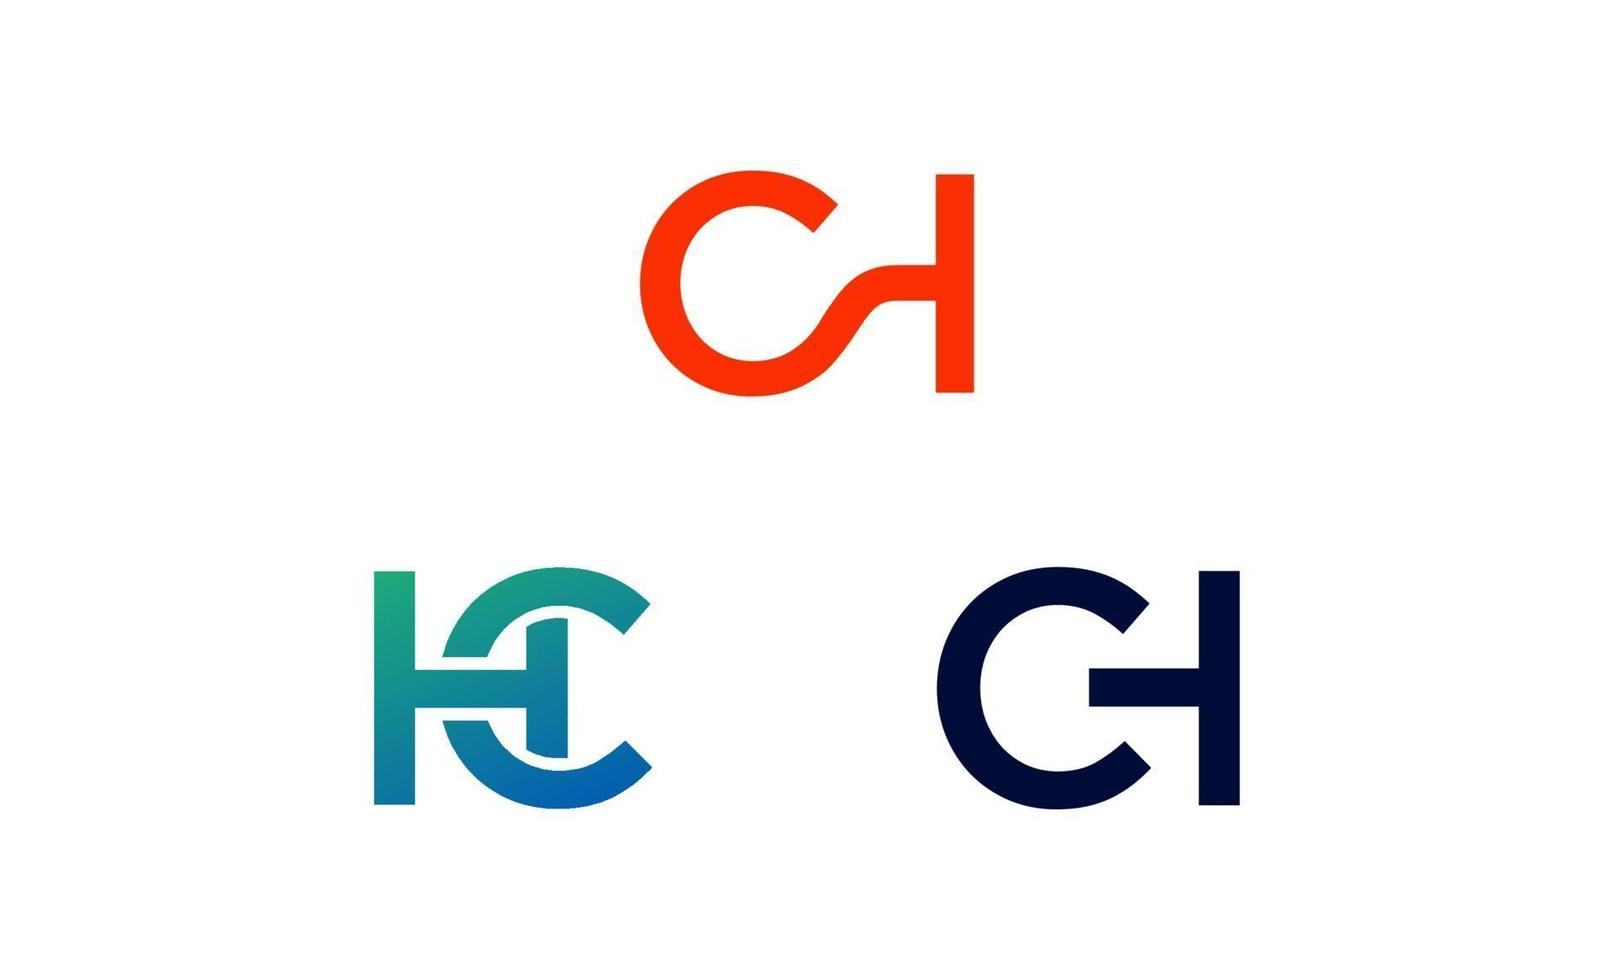 första ch, hc, logo design mall vektor